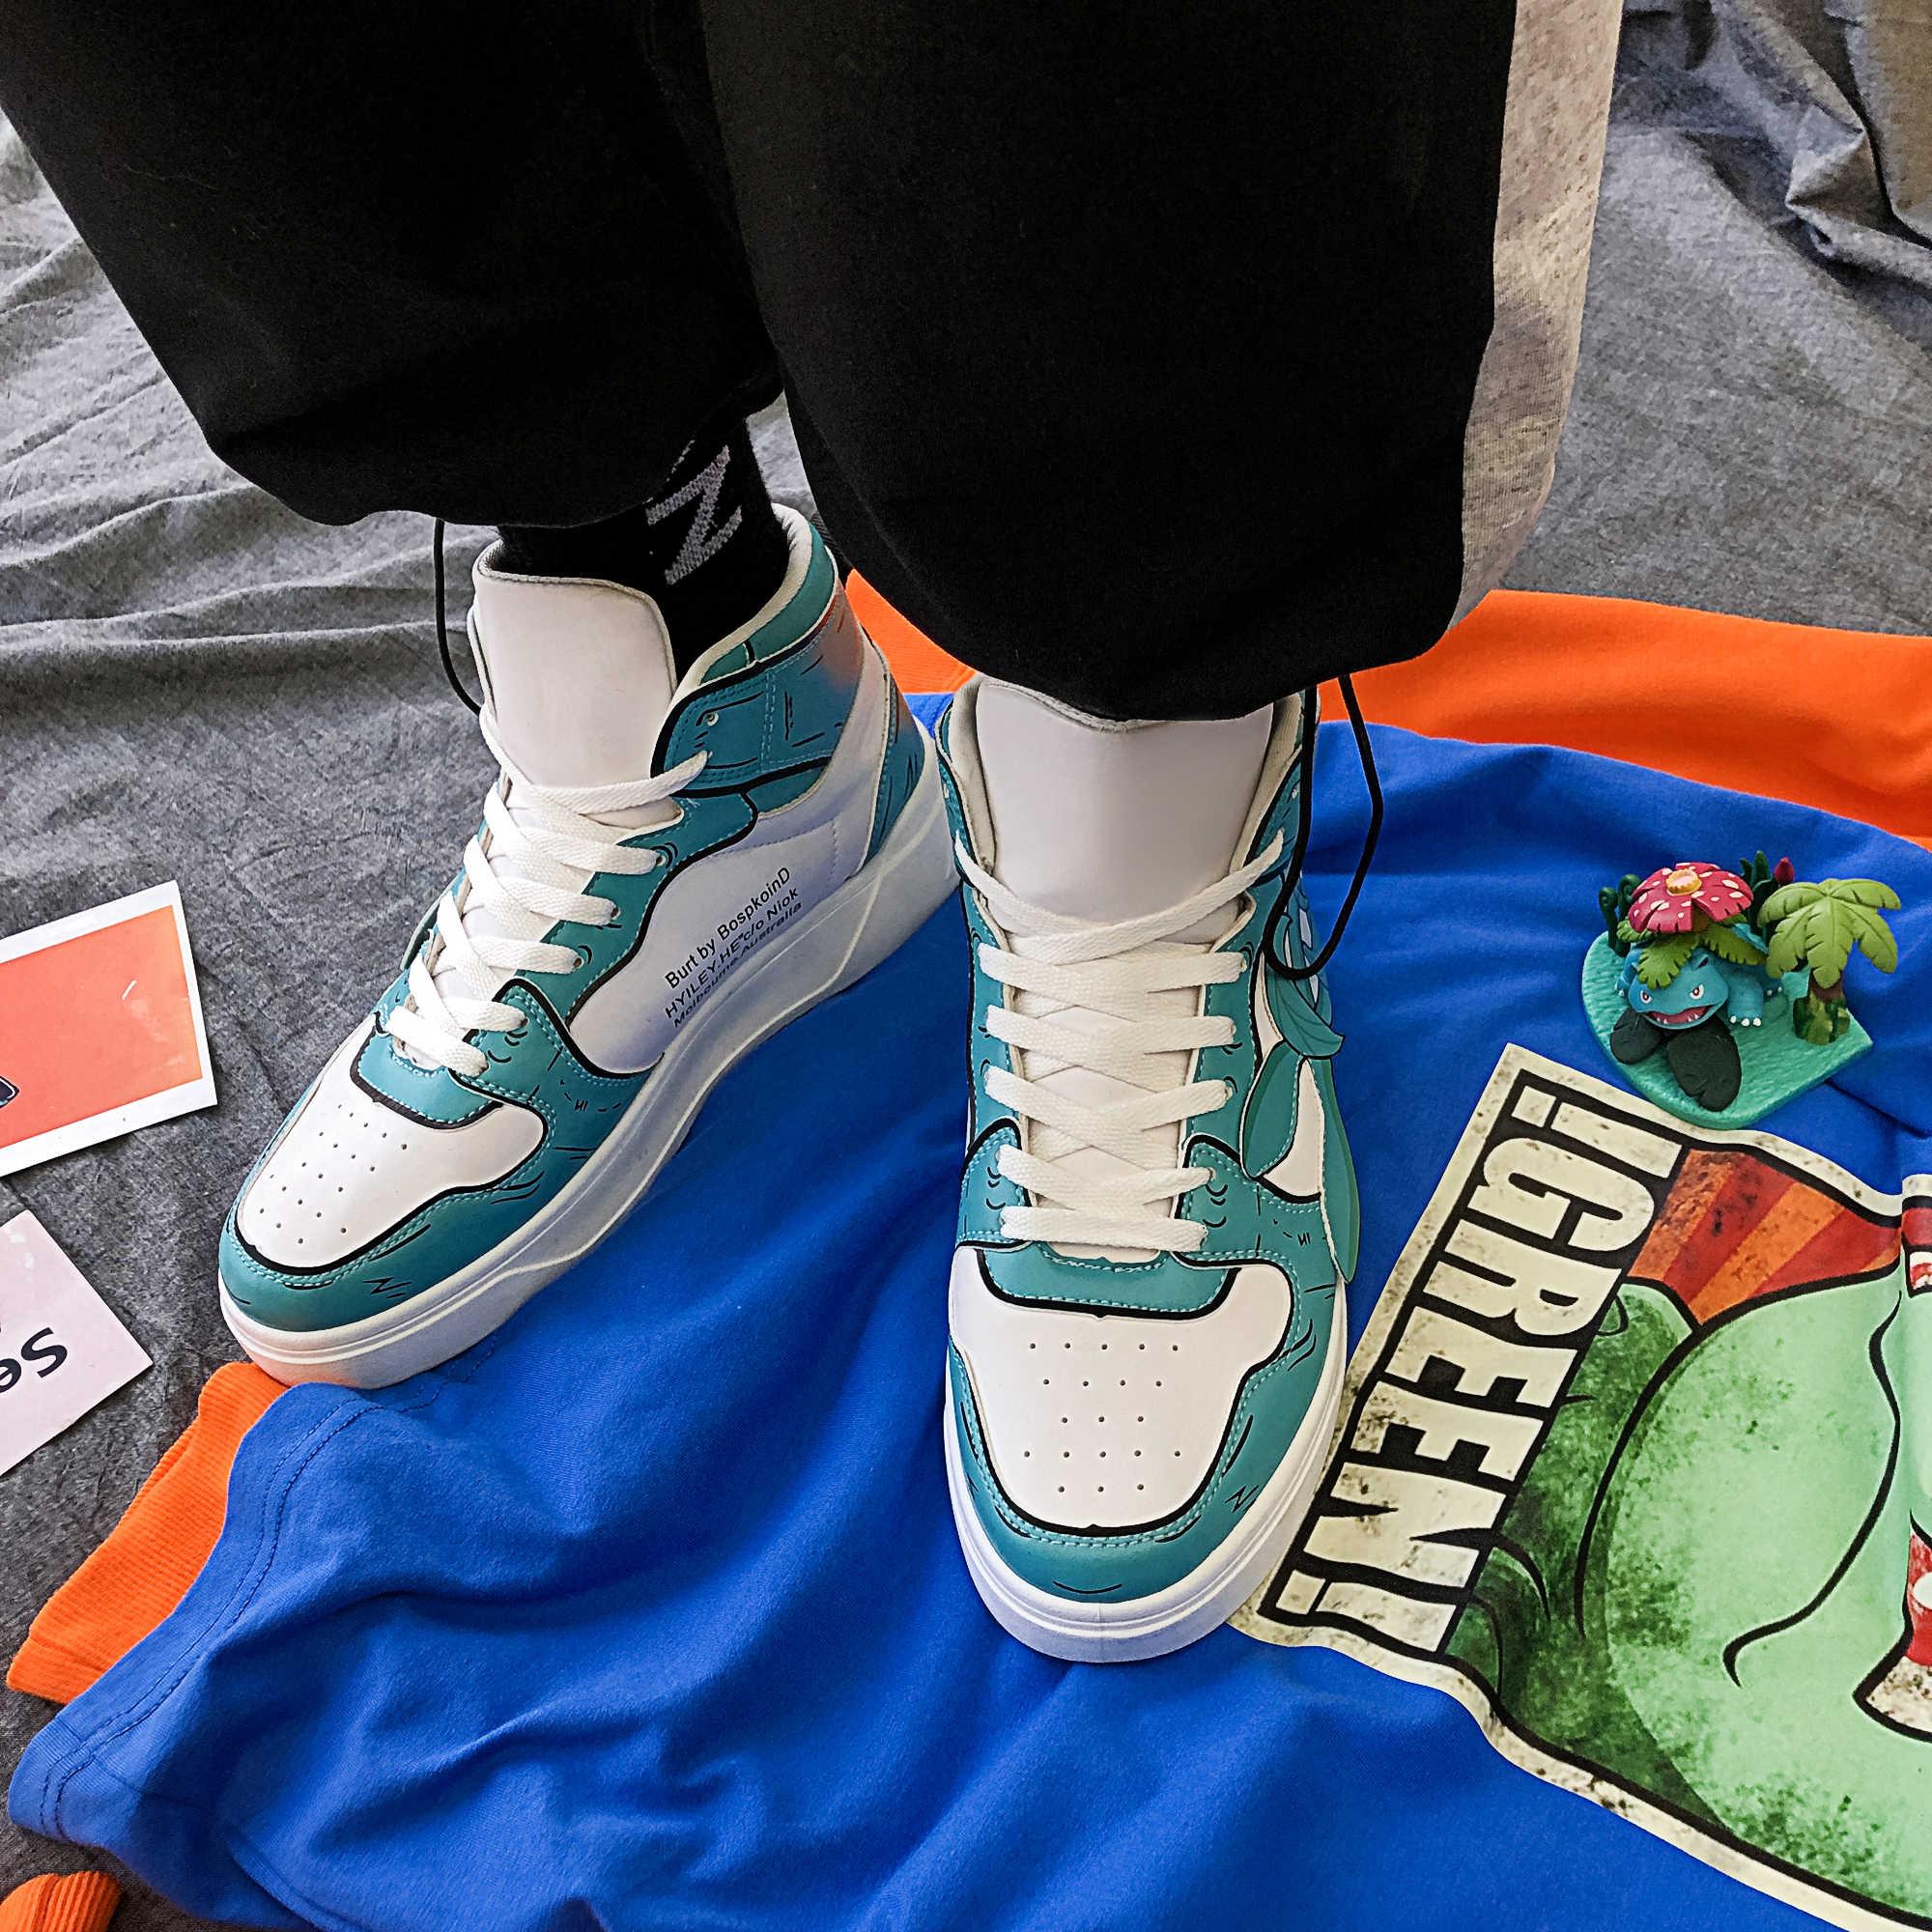 Giày Casual Nam Thể Thao Thoáng Khí Cổ Chân Giày JD 1 Giày Da Trang Trí Max 44 Huấn Luyện Viên Ra Màu Trắng Huấn Luyện Viên